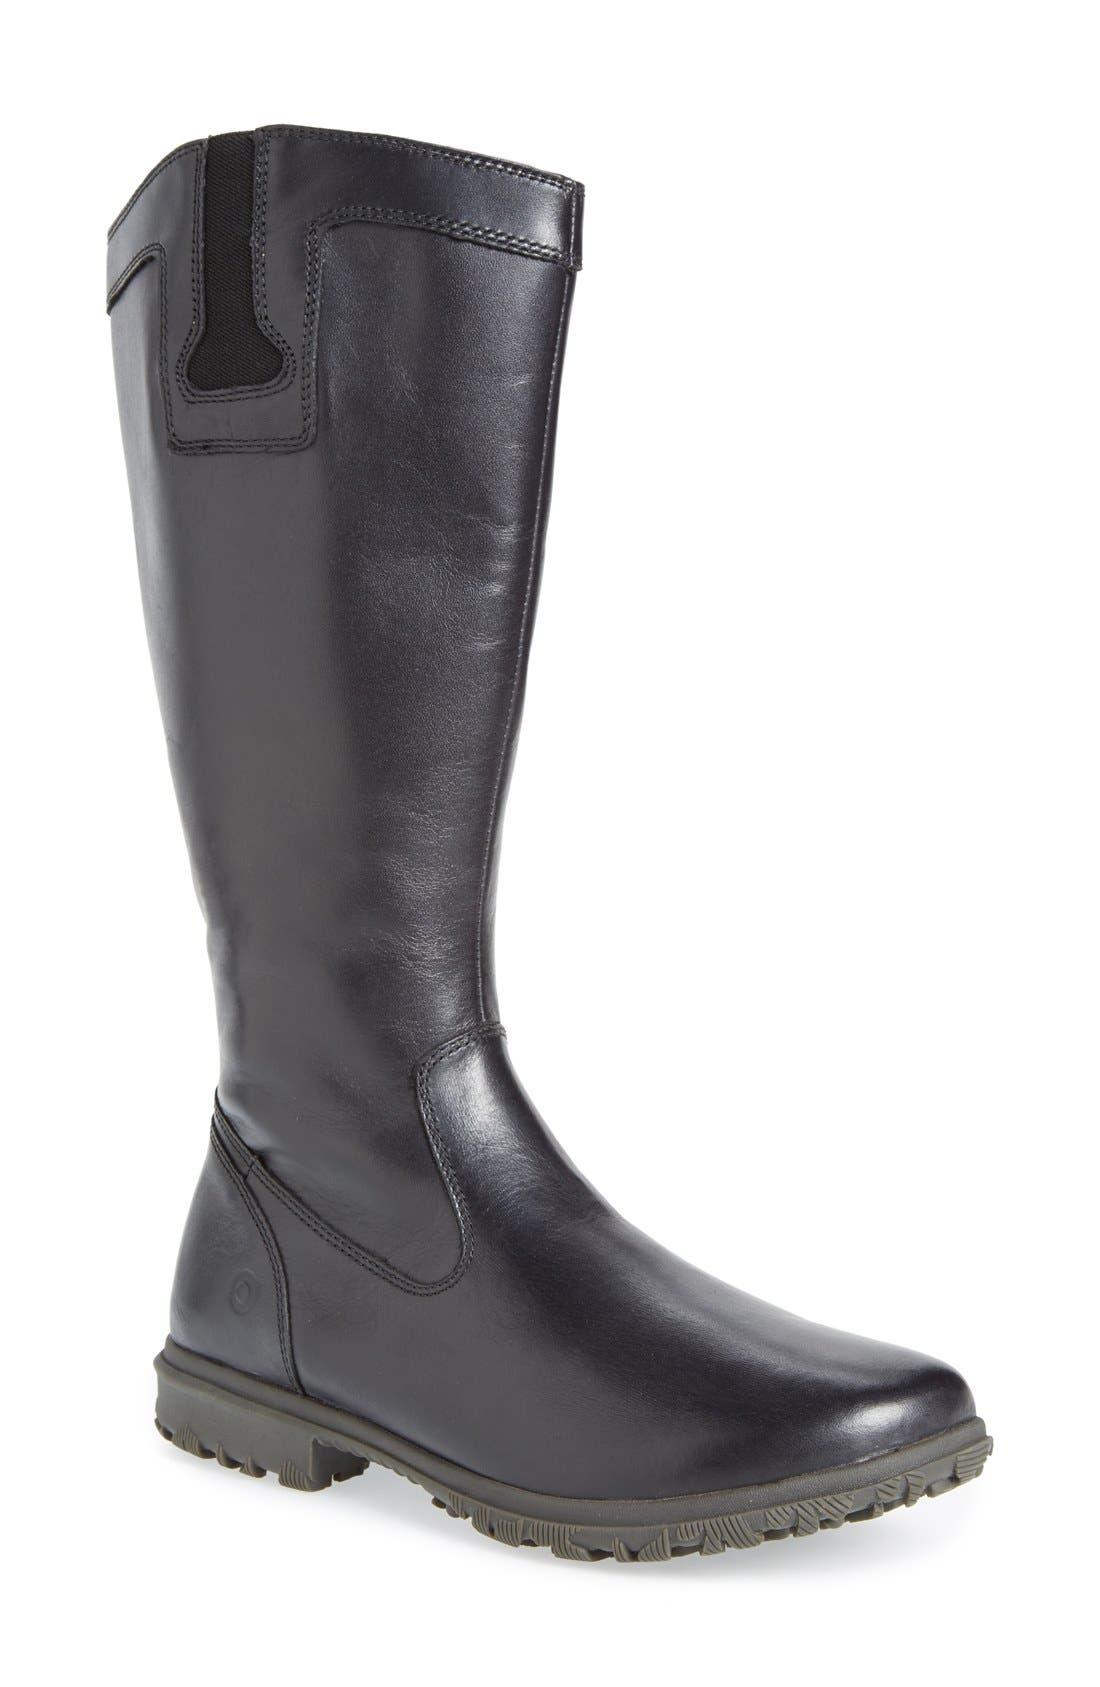 Alternate Image 1 Selected - Bogs 'Pearl' Waterproof Boot(Women)